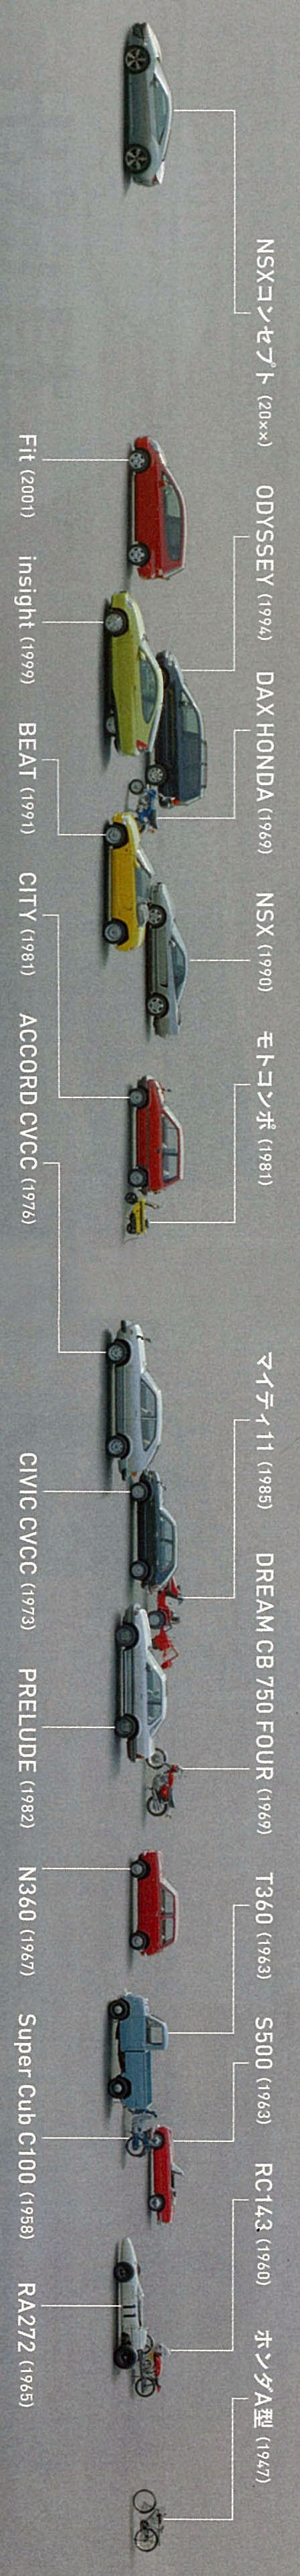 The history of Honda